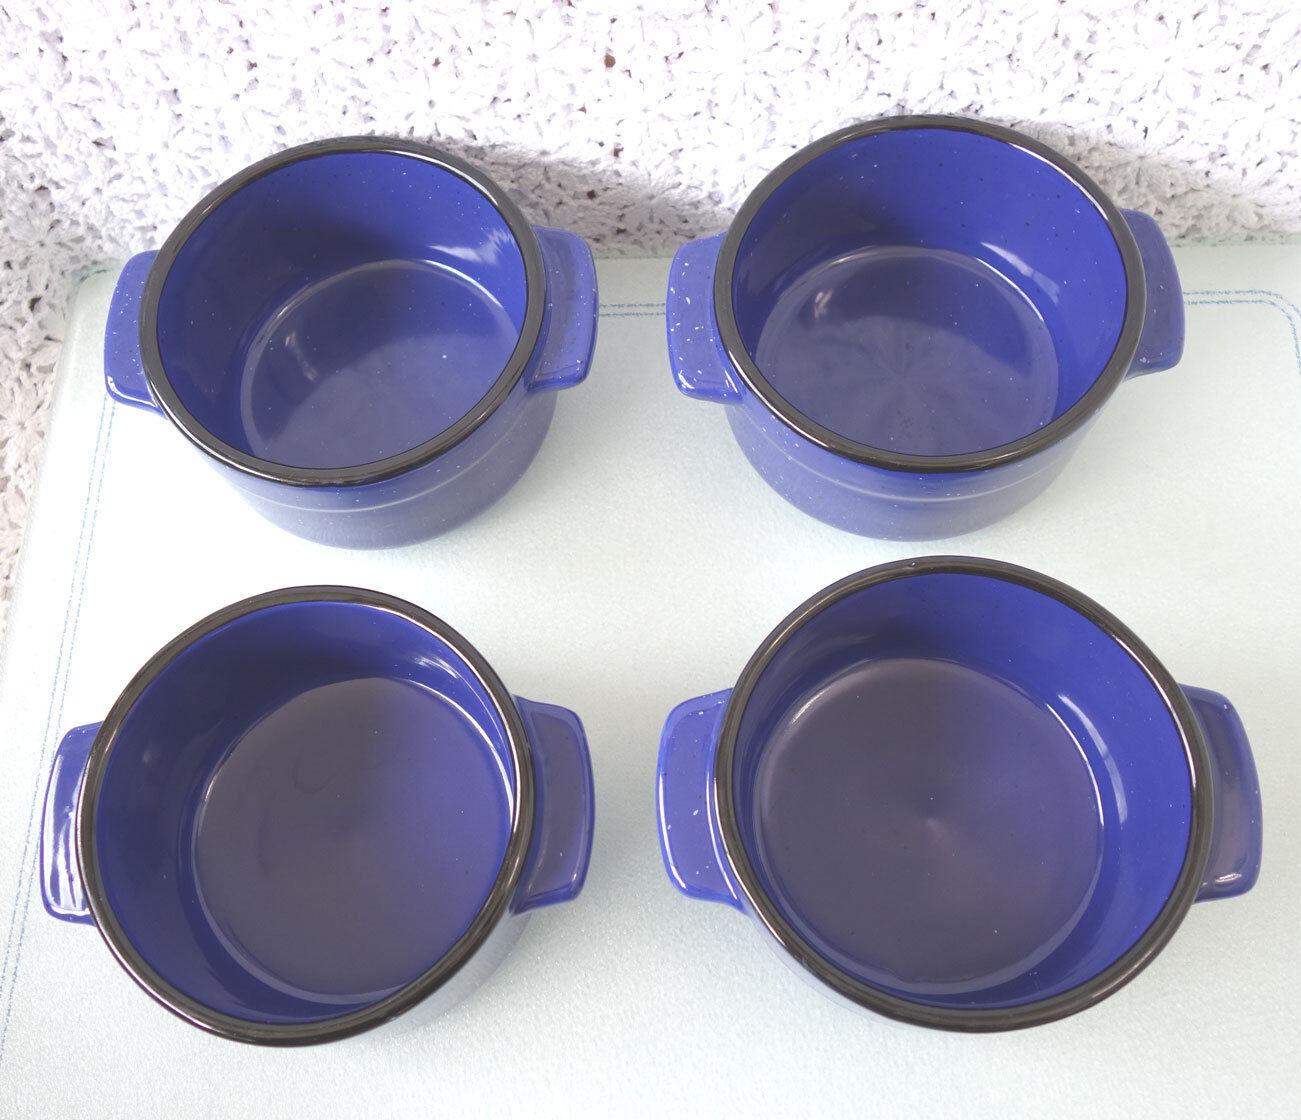 4 MINI COCOTTE, Ramekin, Baking Dish STONEWARE Blau Weiß specs Von Pok & Chang